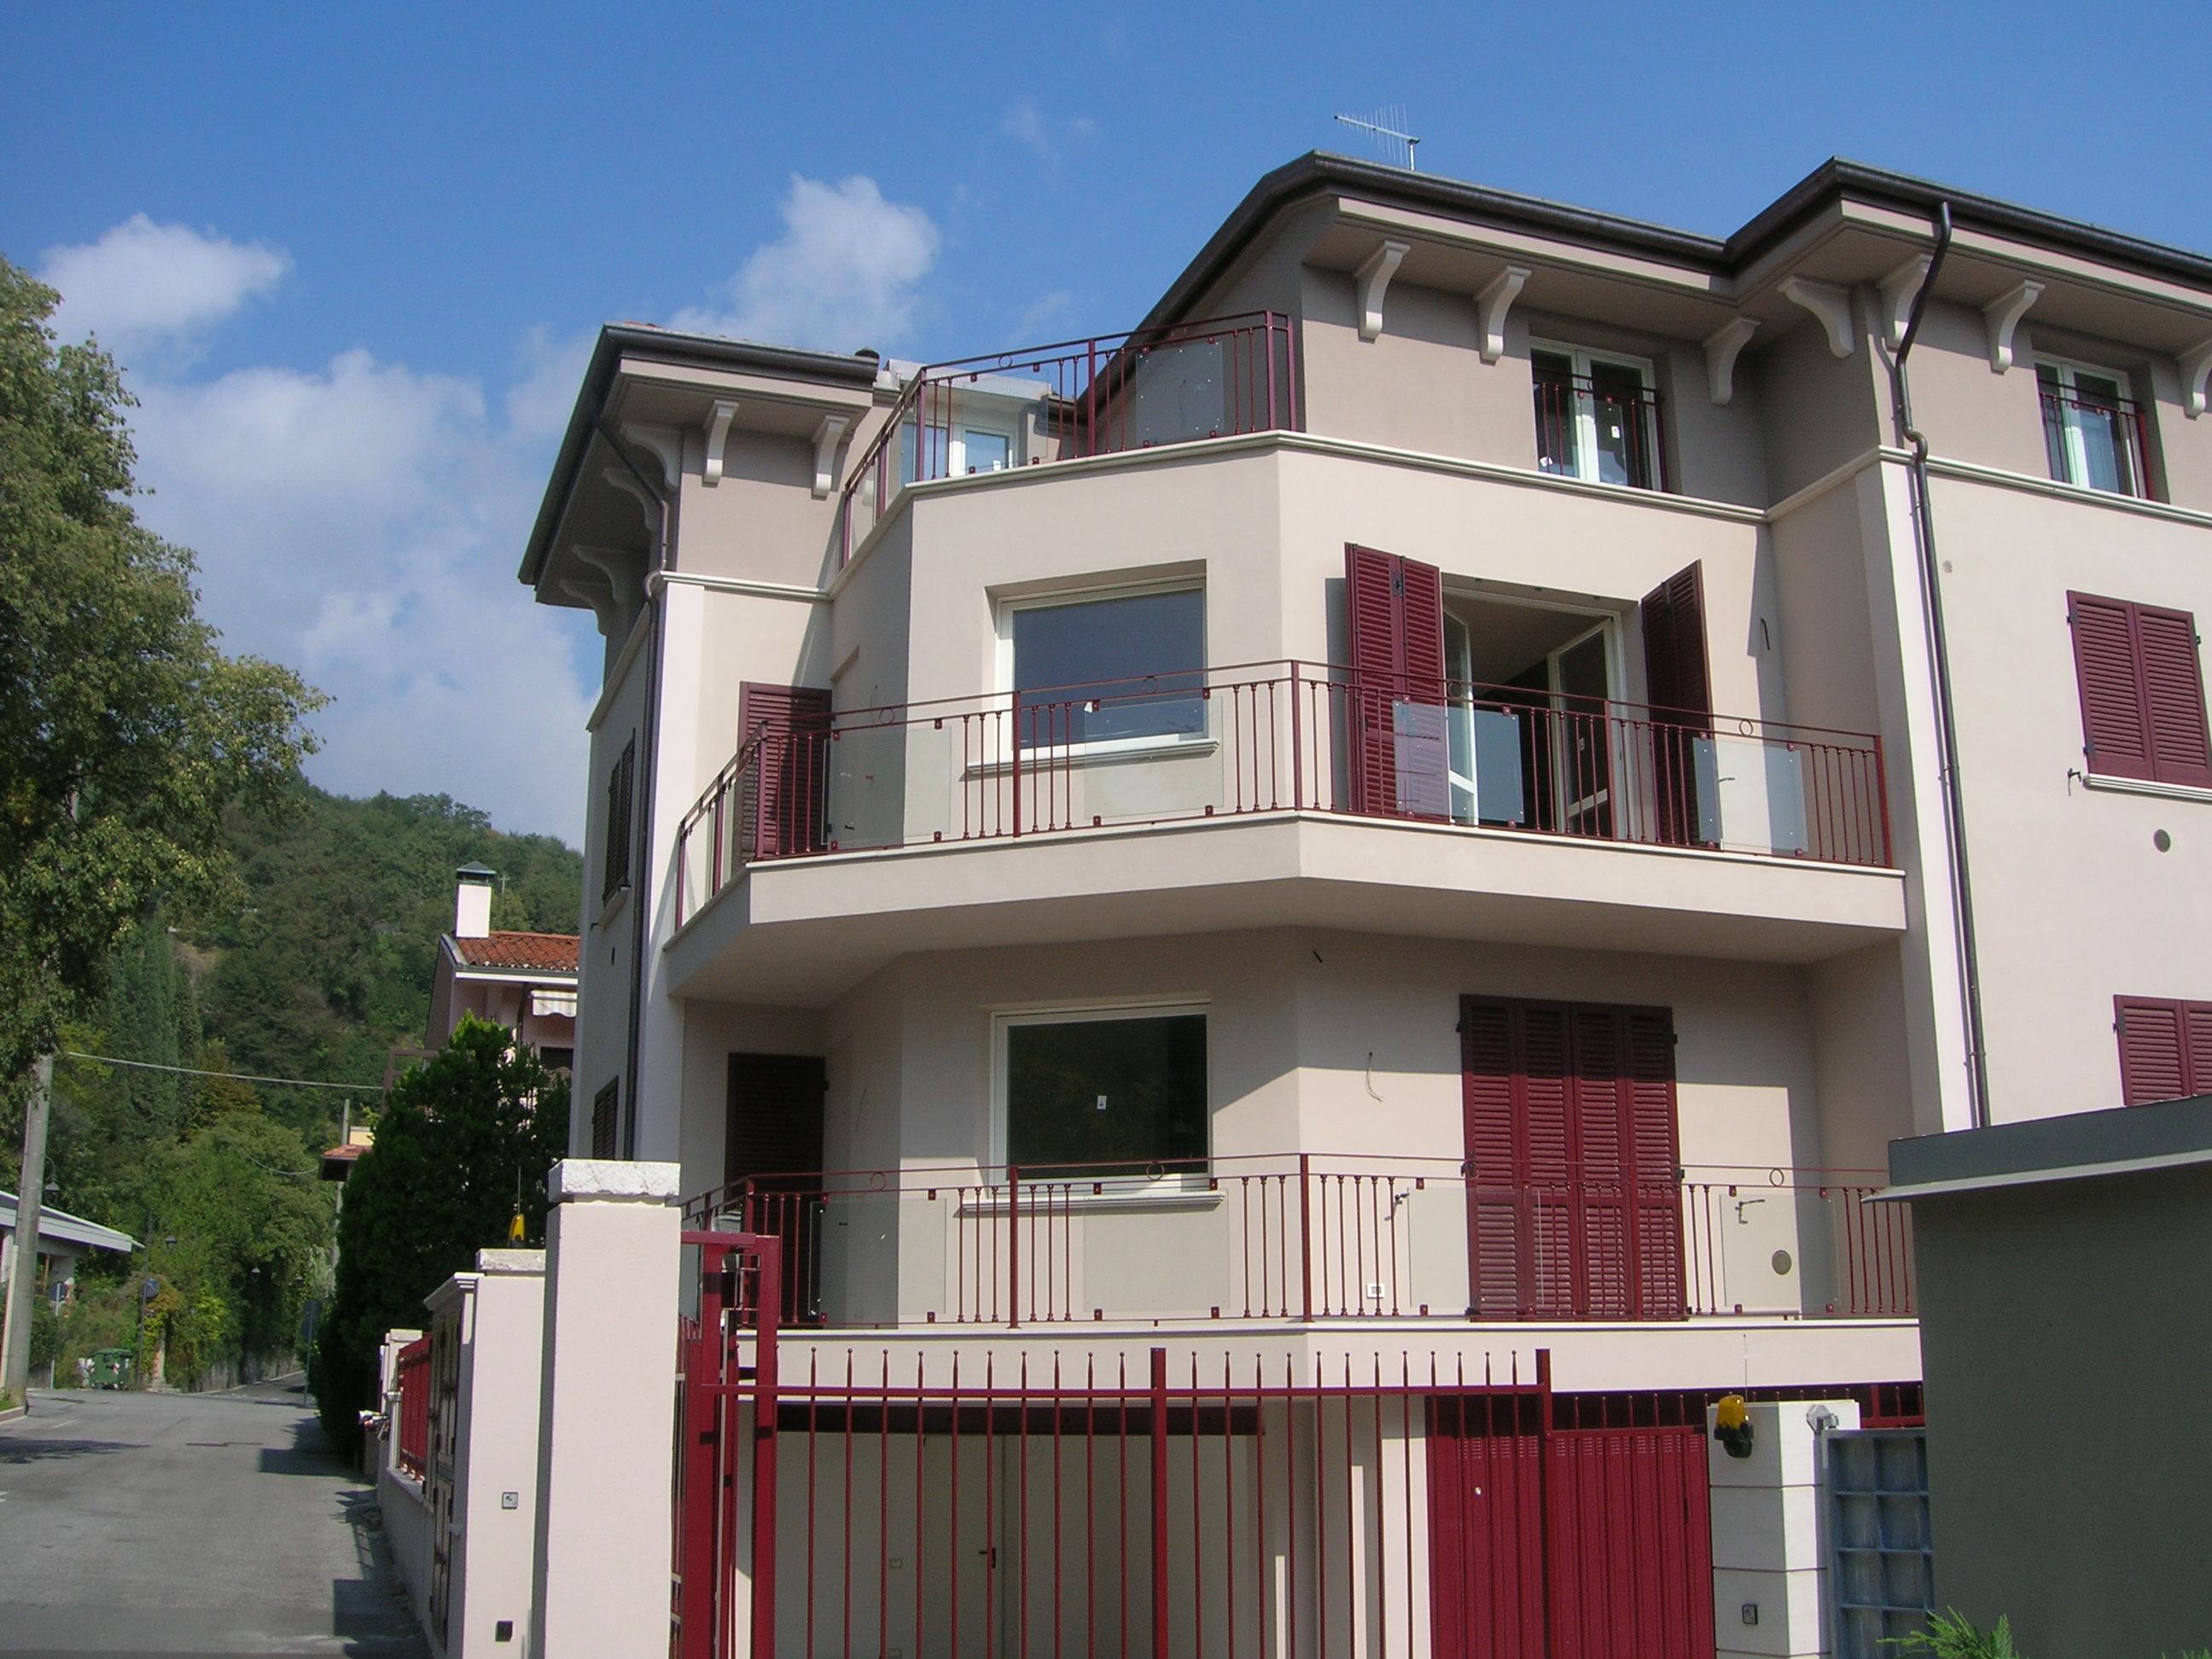 Prestigioso appartamento in vendita a sal for Costo per costruire un appartamento garage per 2 auto